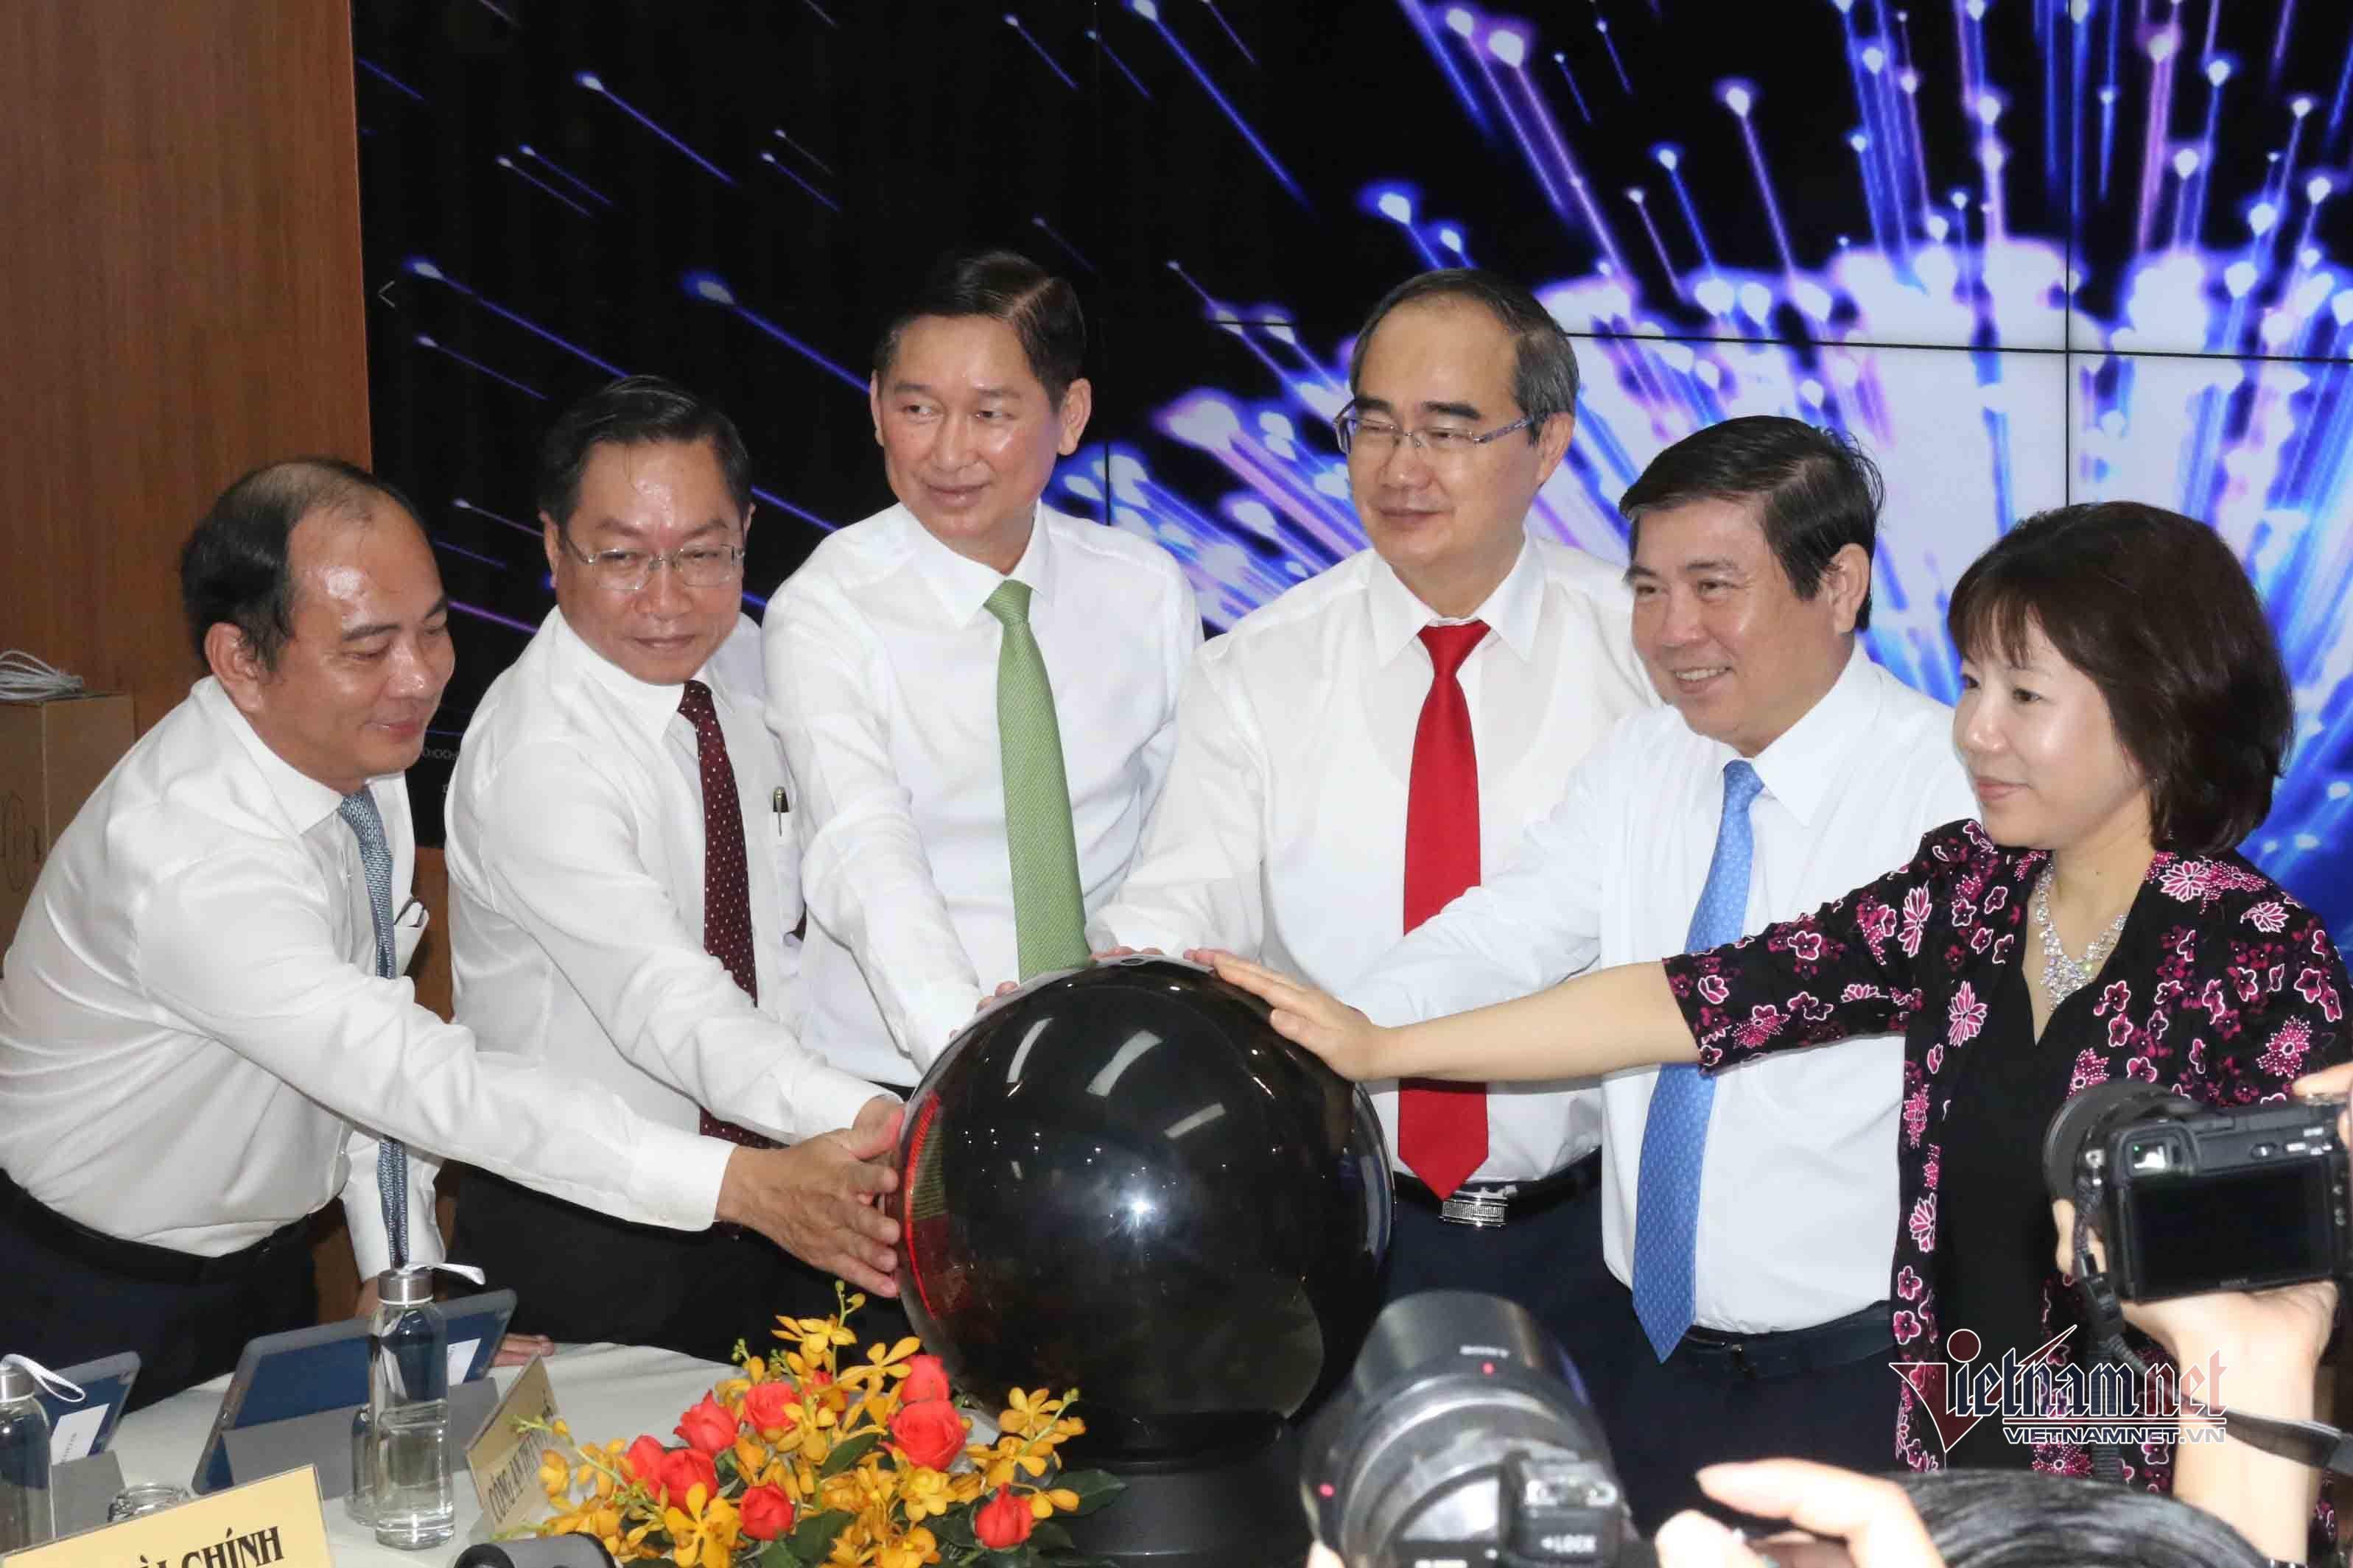 Giữa mùa dịch corona, TP.HCM ra mắt Trung tâm điều hành y tế thông minh